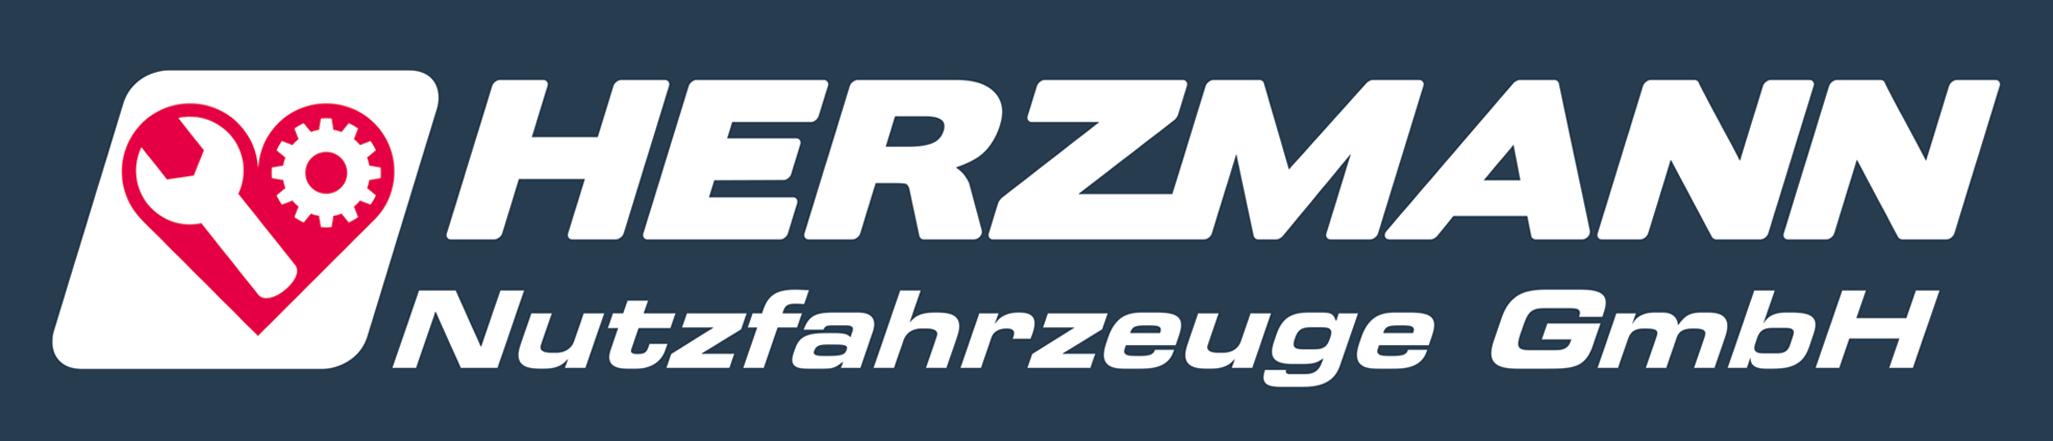 herzmann logo negativ herzmann nutzfahrzeuge gmbh webauftritt. Black Bedroom Furniture Sets. Home Design Ideas